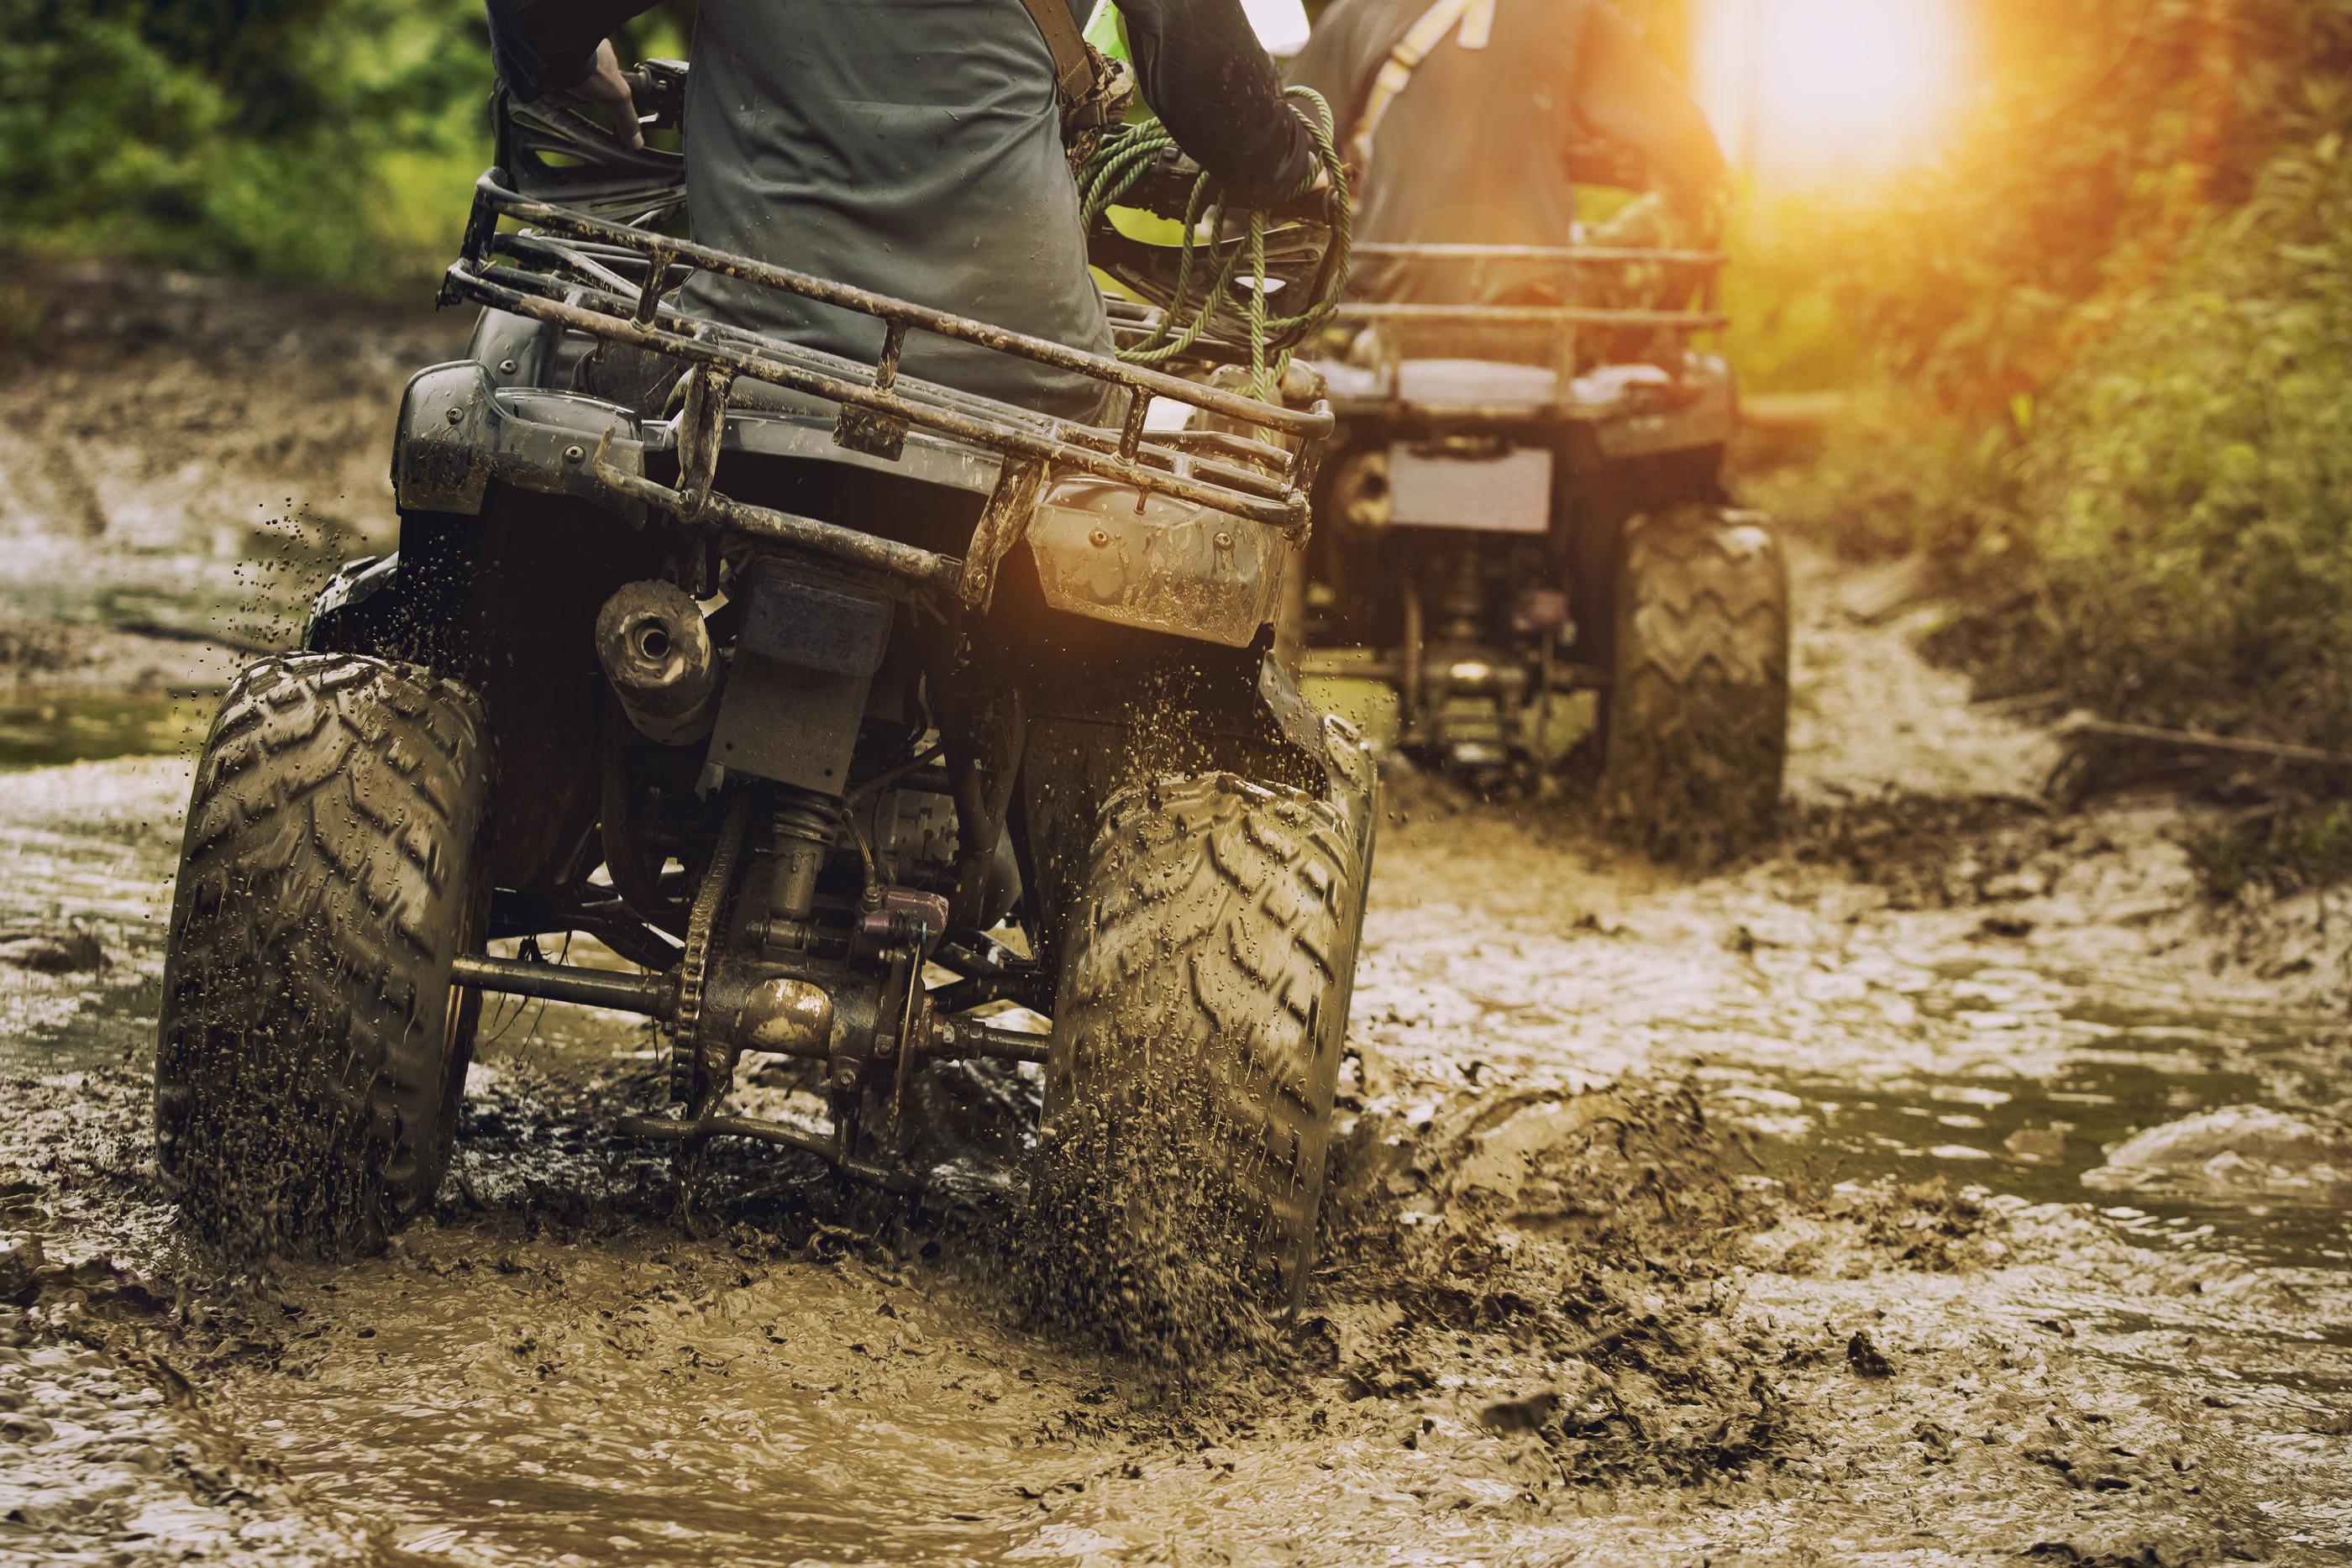 ATV riding trip